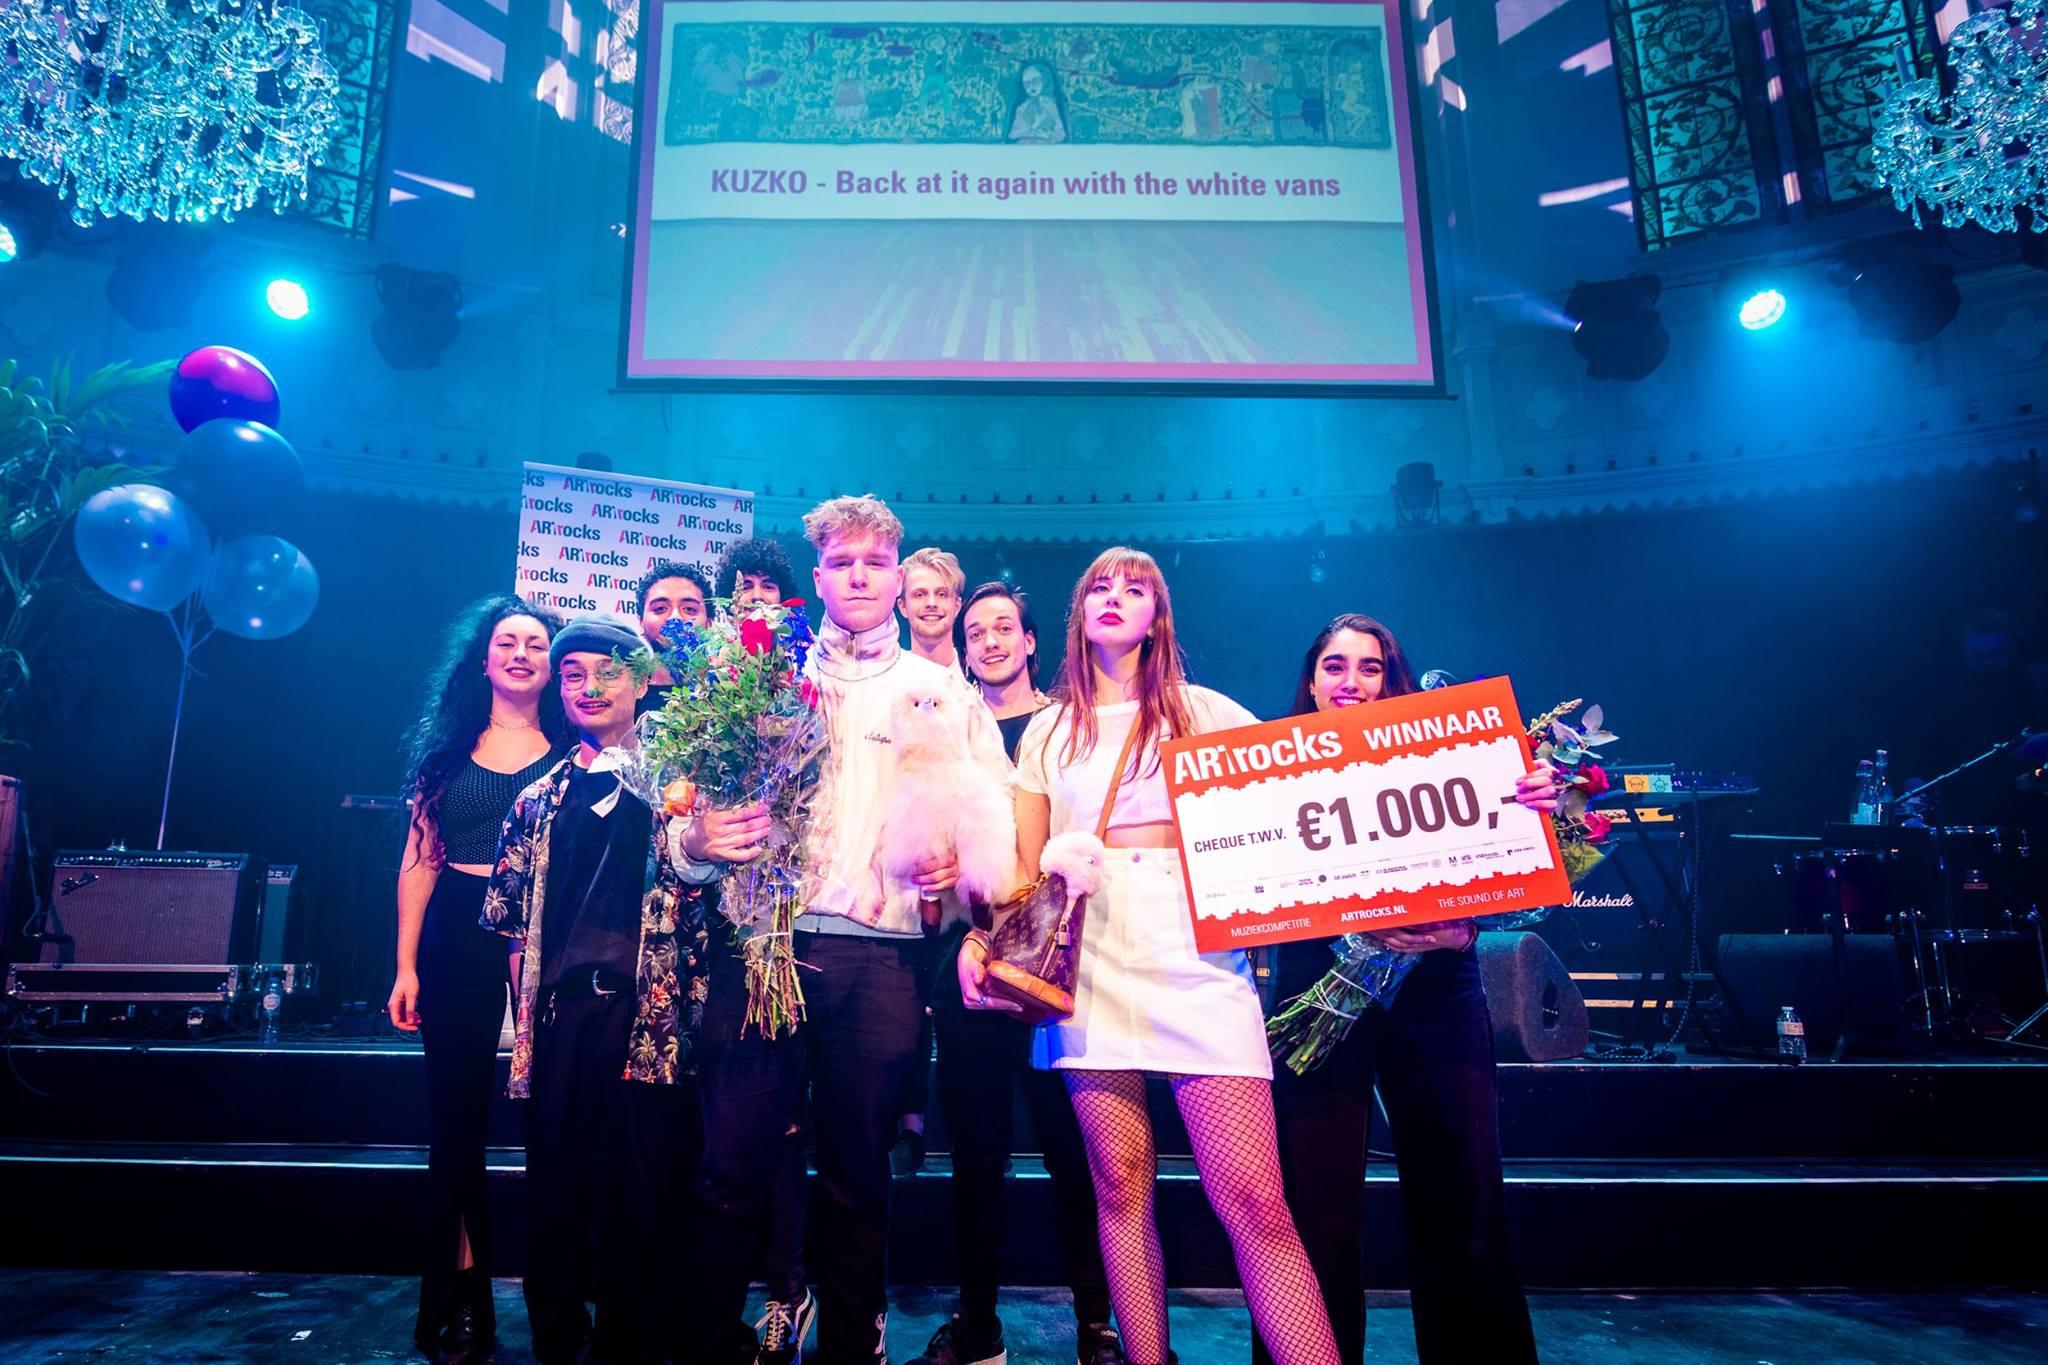 KUZKO-winners-Art-Rocks-Finale-Paradiso-photo-by-Jelmer-de-Haas.jpg